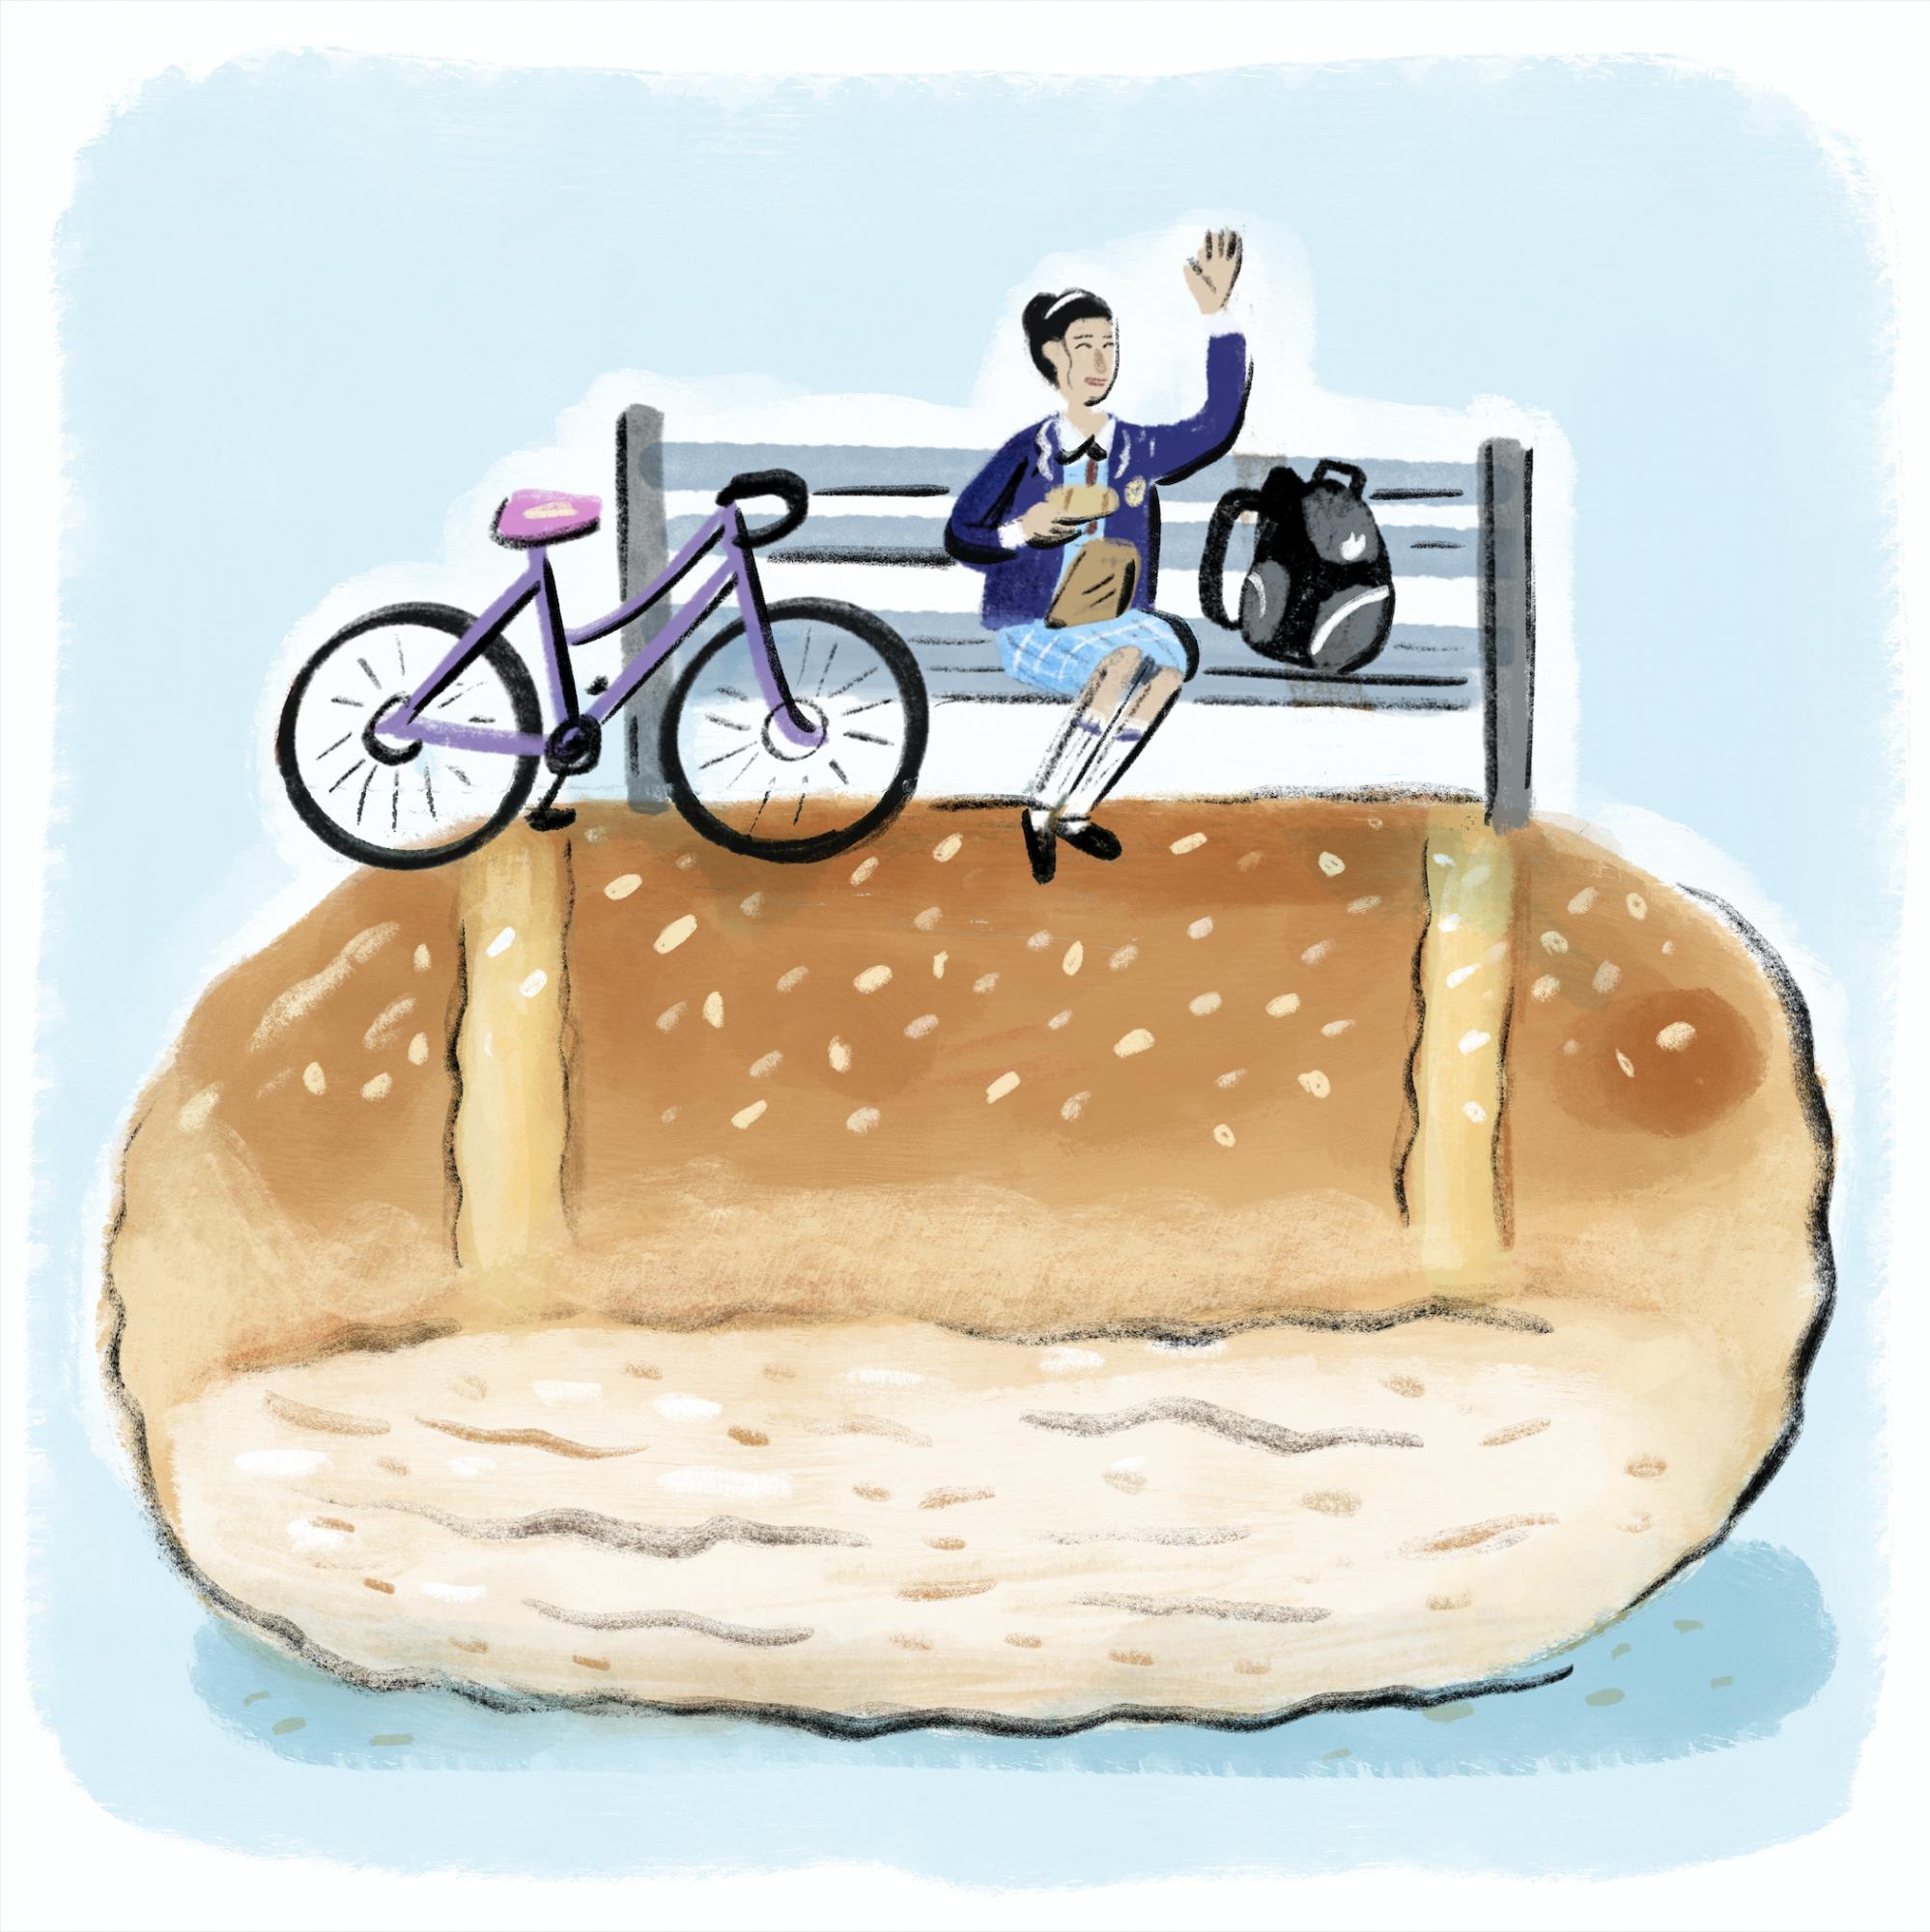 Charlene Dawes Of Tastings Group On Her Most-Loved Childhood Eats